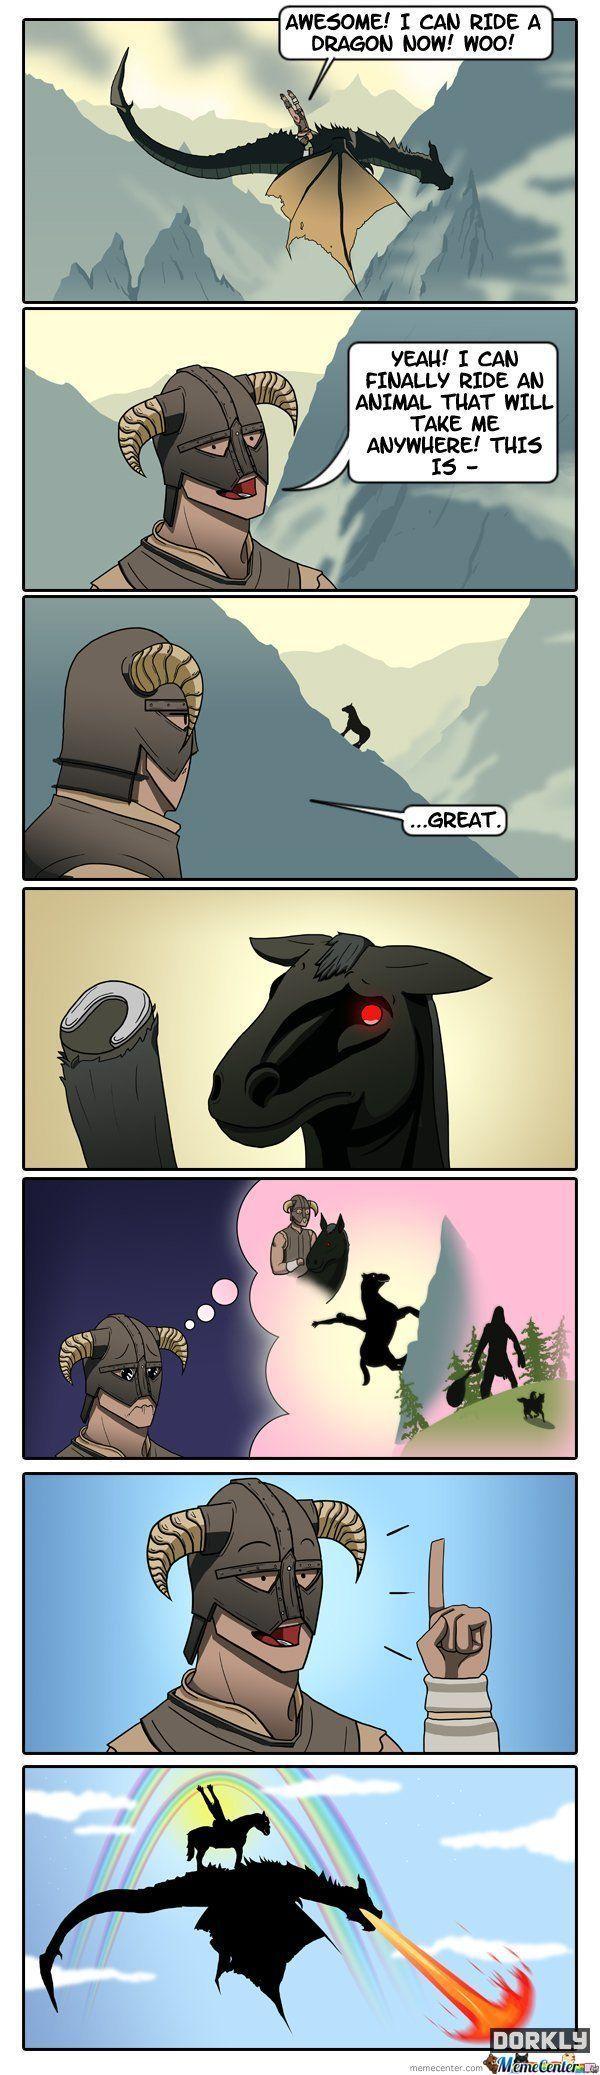 skyrim memes | Skyrim: The Dragonborn Rides Again - Meme Center